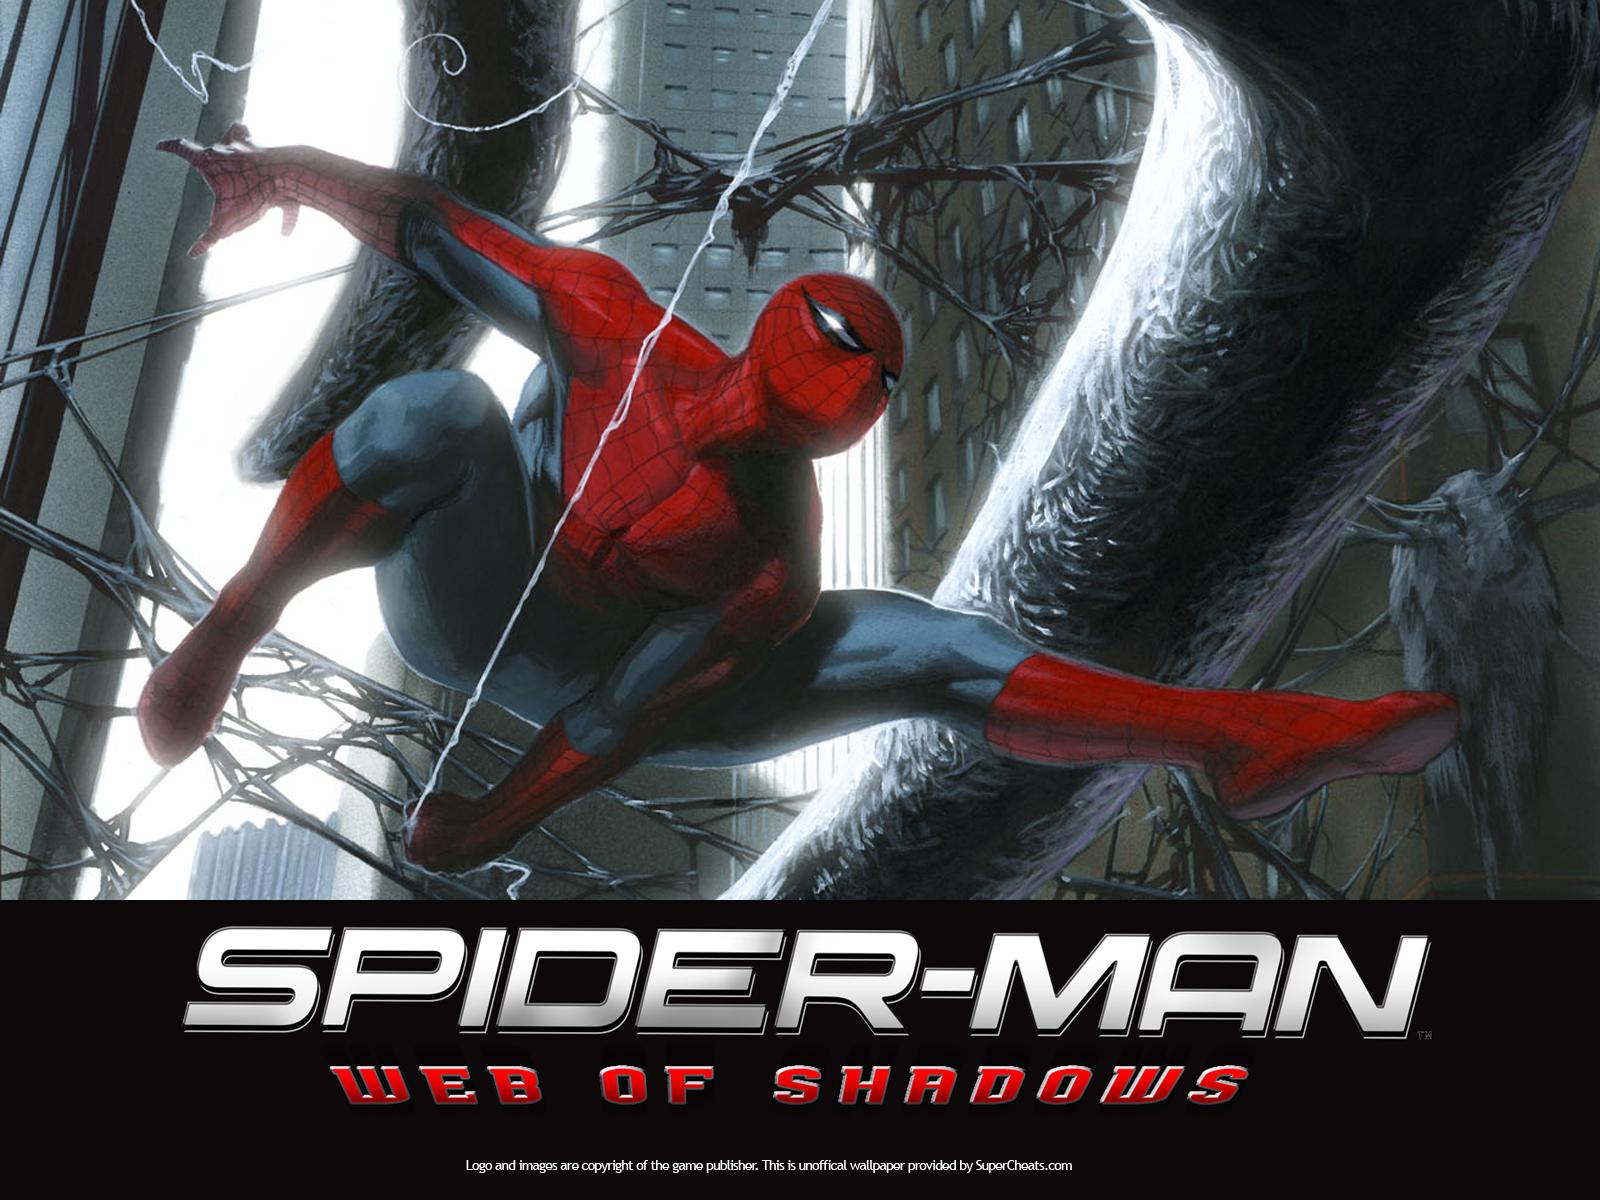 http://1.bp.blogspot.com/-8F-_h0T3oFA/TcOwfxVlOZI/AAAAAAAAAWE/--_yD1fGDc4/s1600/Spider-Man+Web+Of+Shadows.jpg